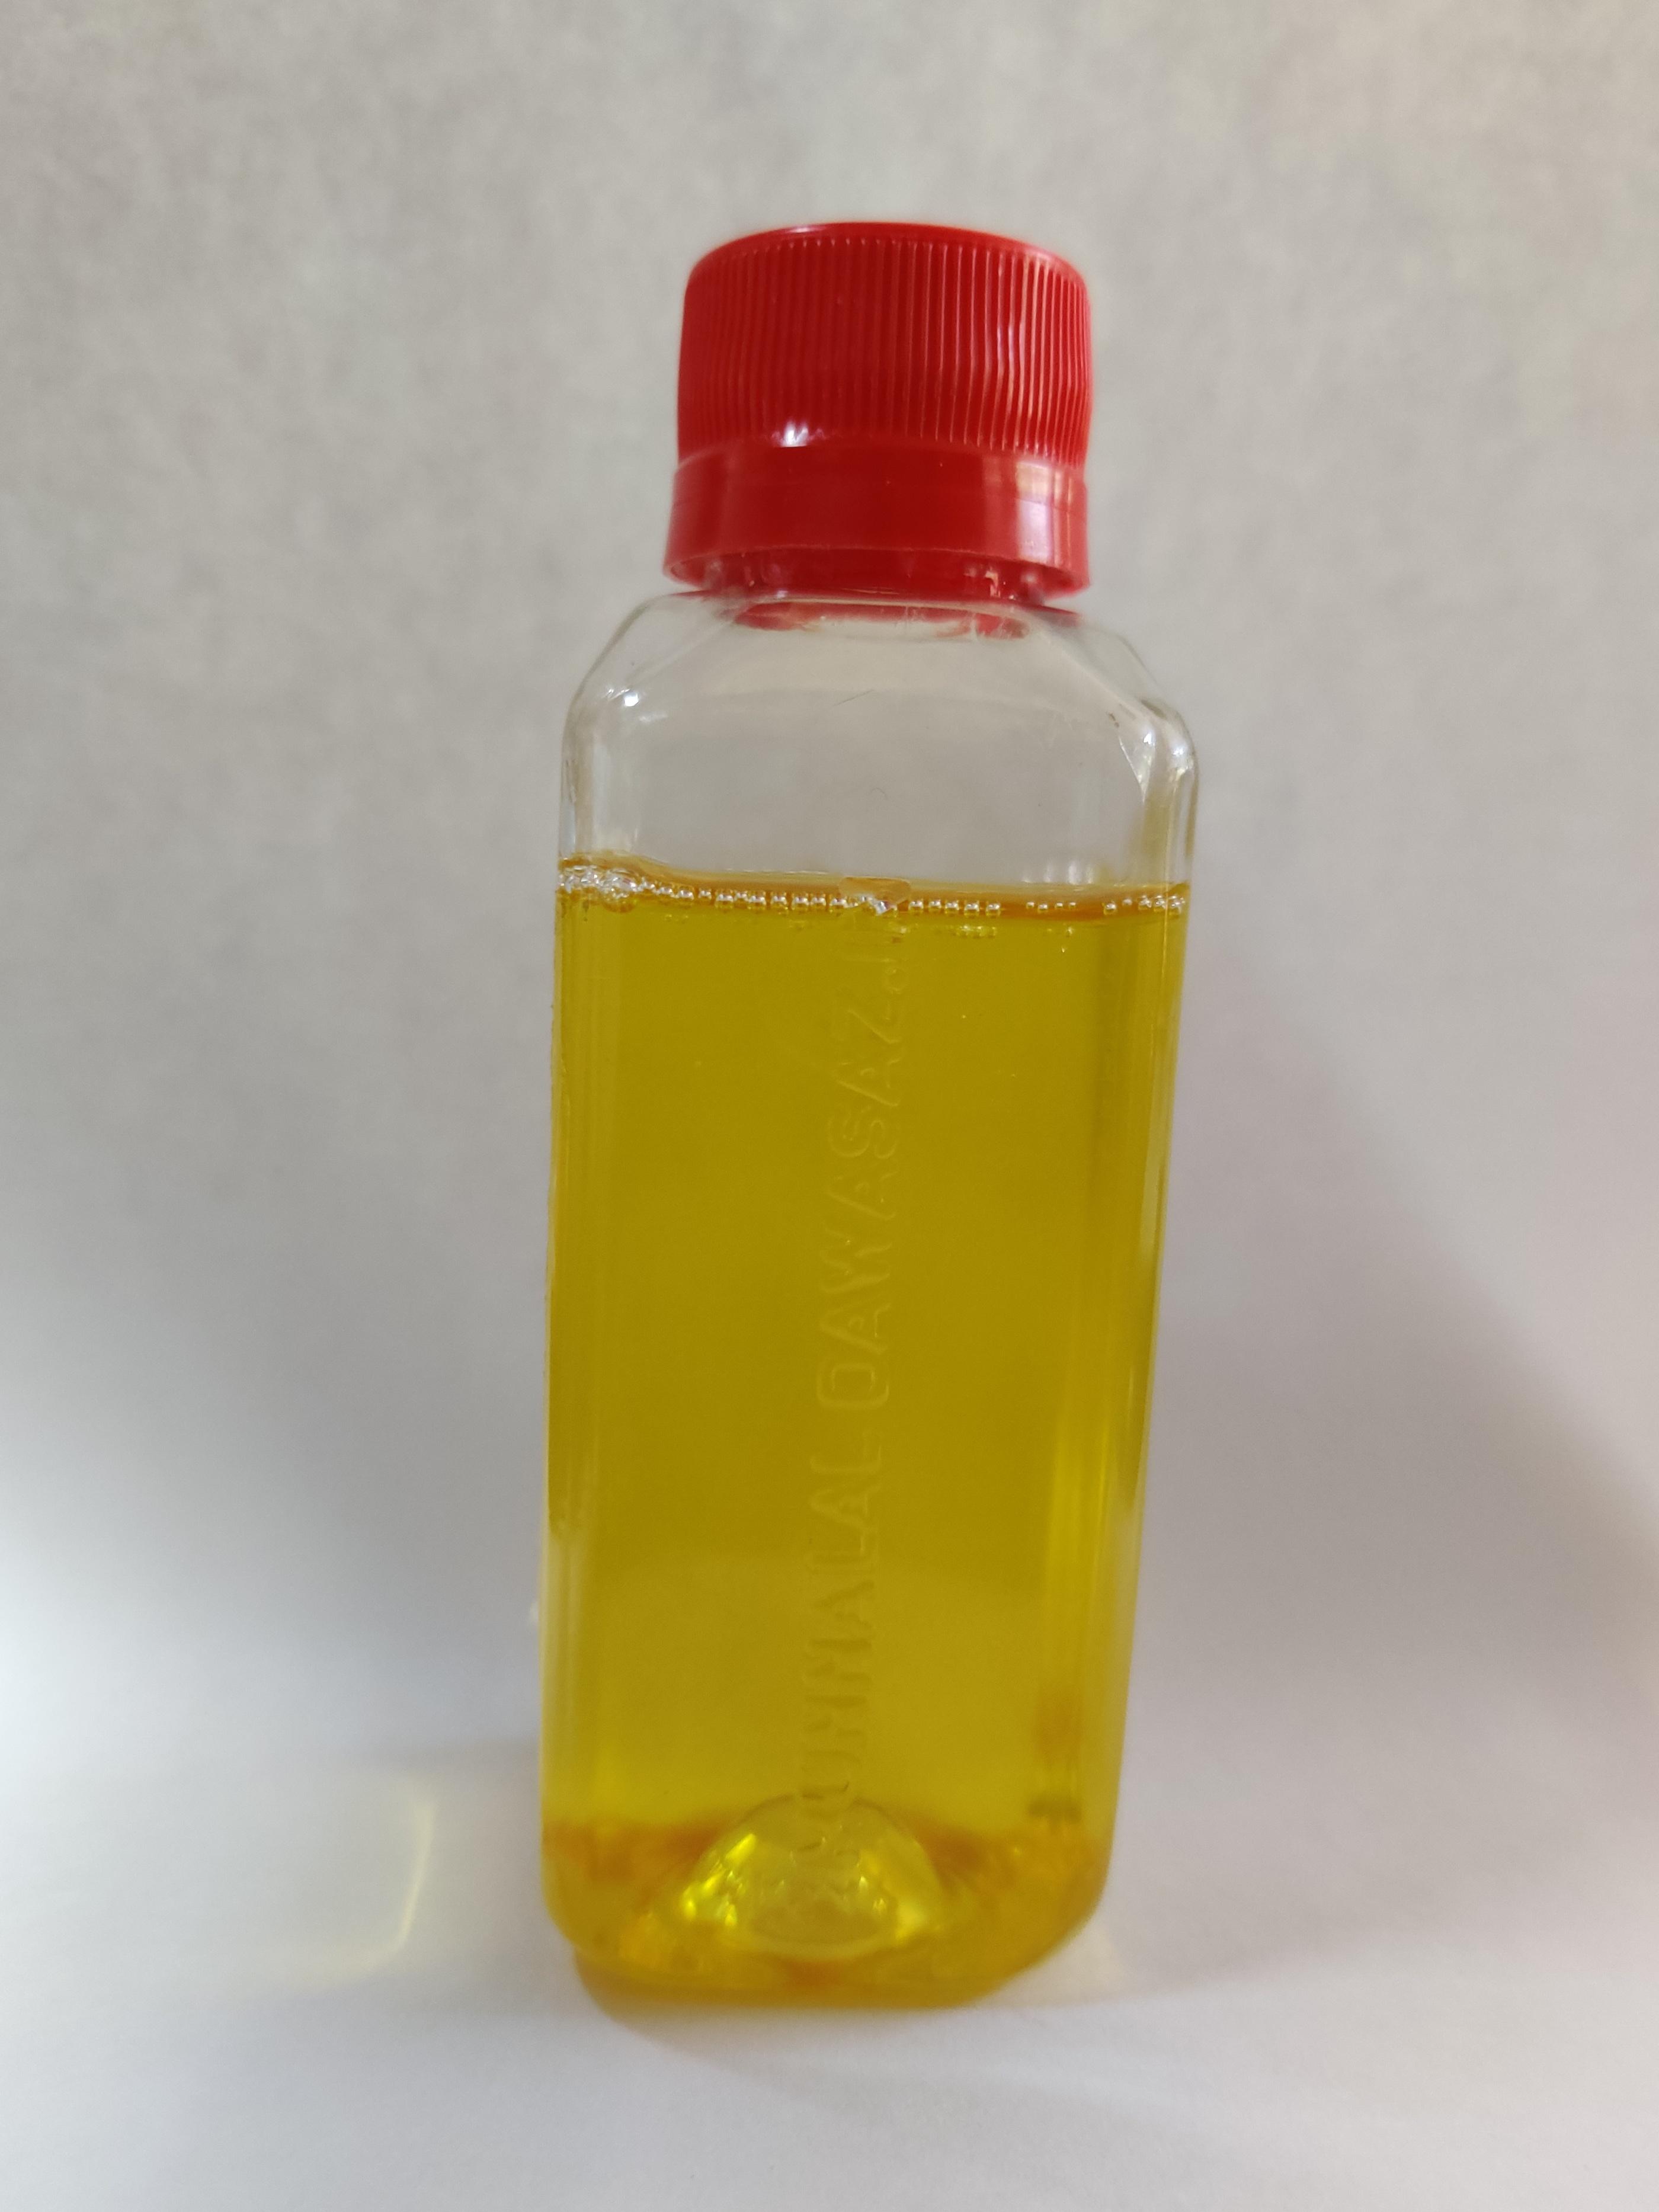 khus khus oil